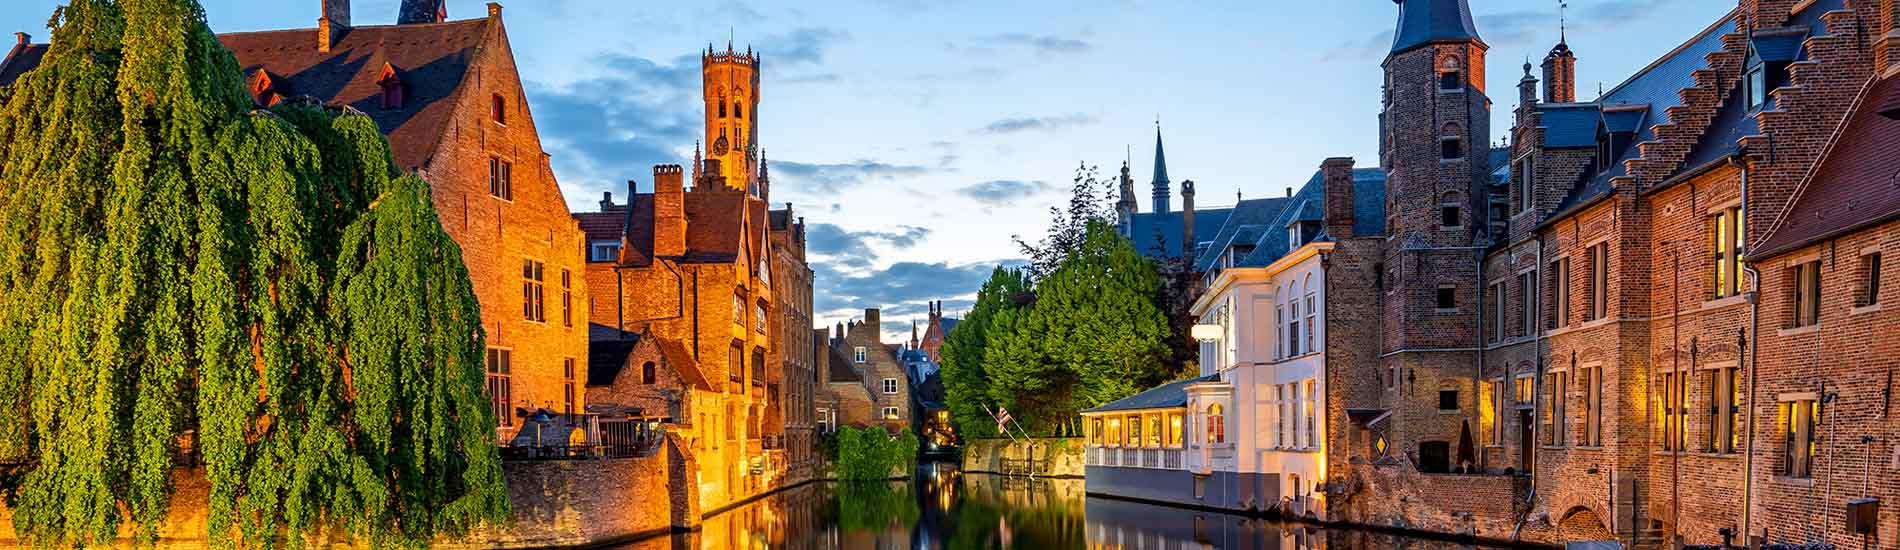 Bruges布魯日